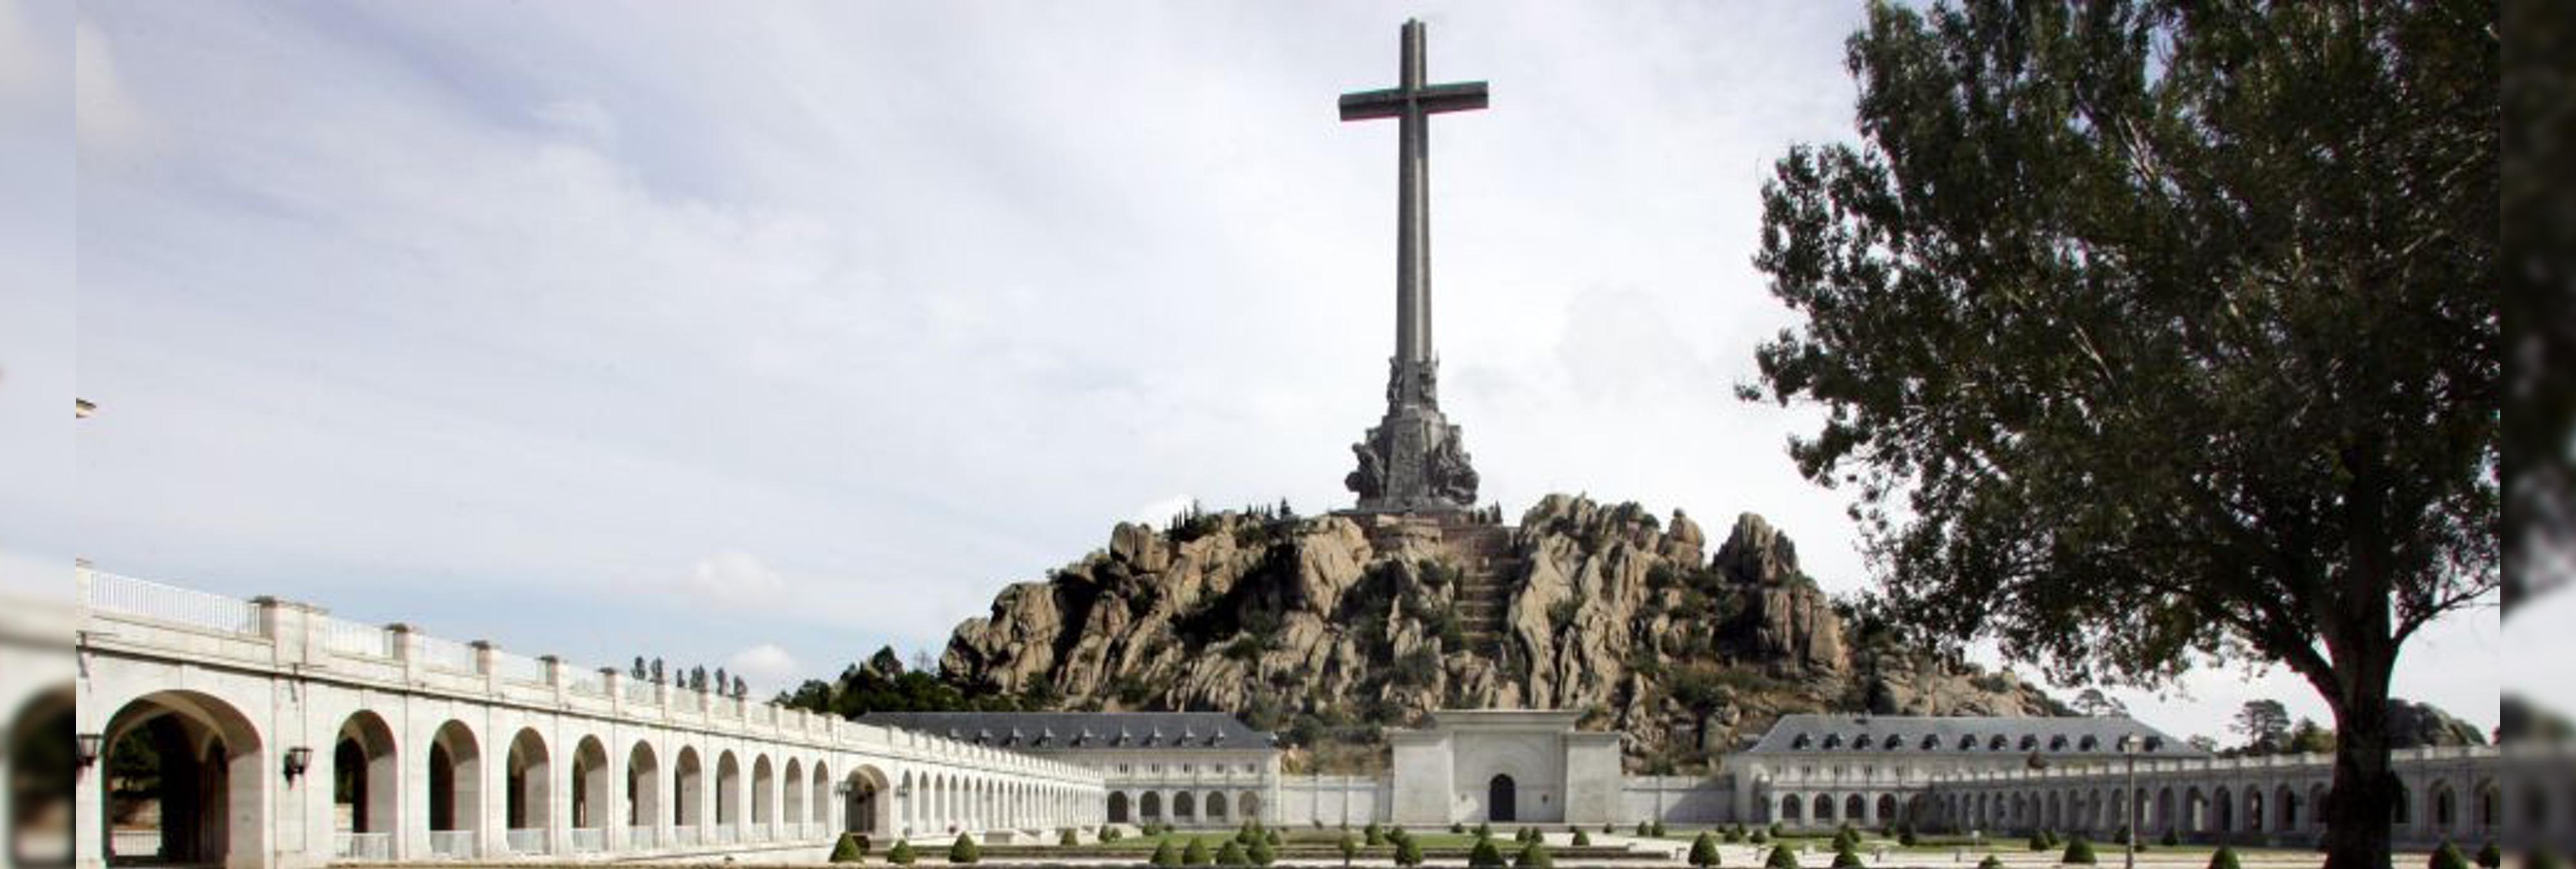 El Gobierno y la Iglesia quieren a los  monjes benedictinos fuera del Valle de los Caídos